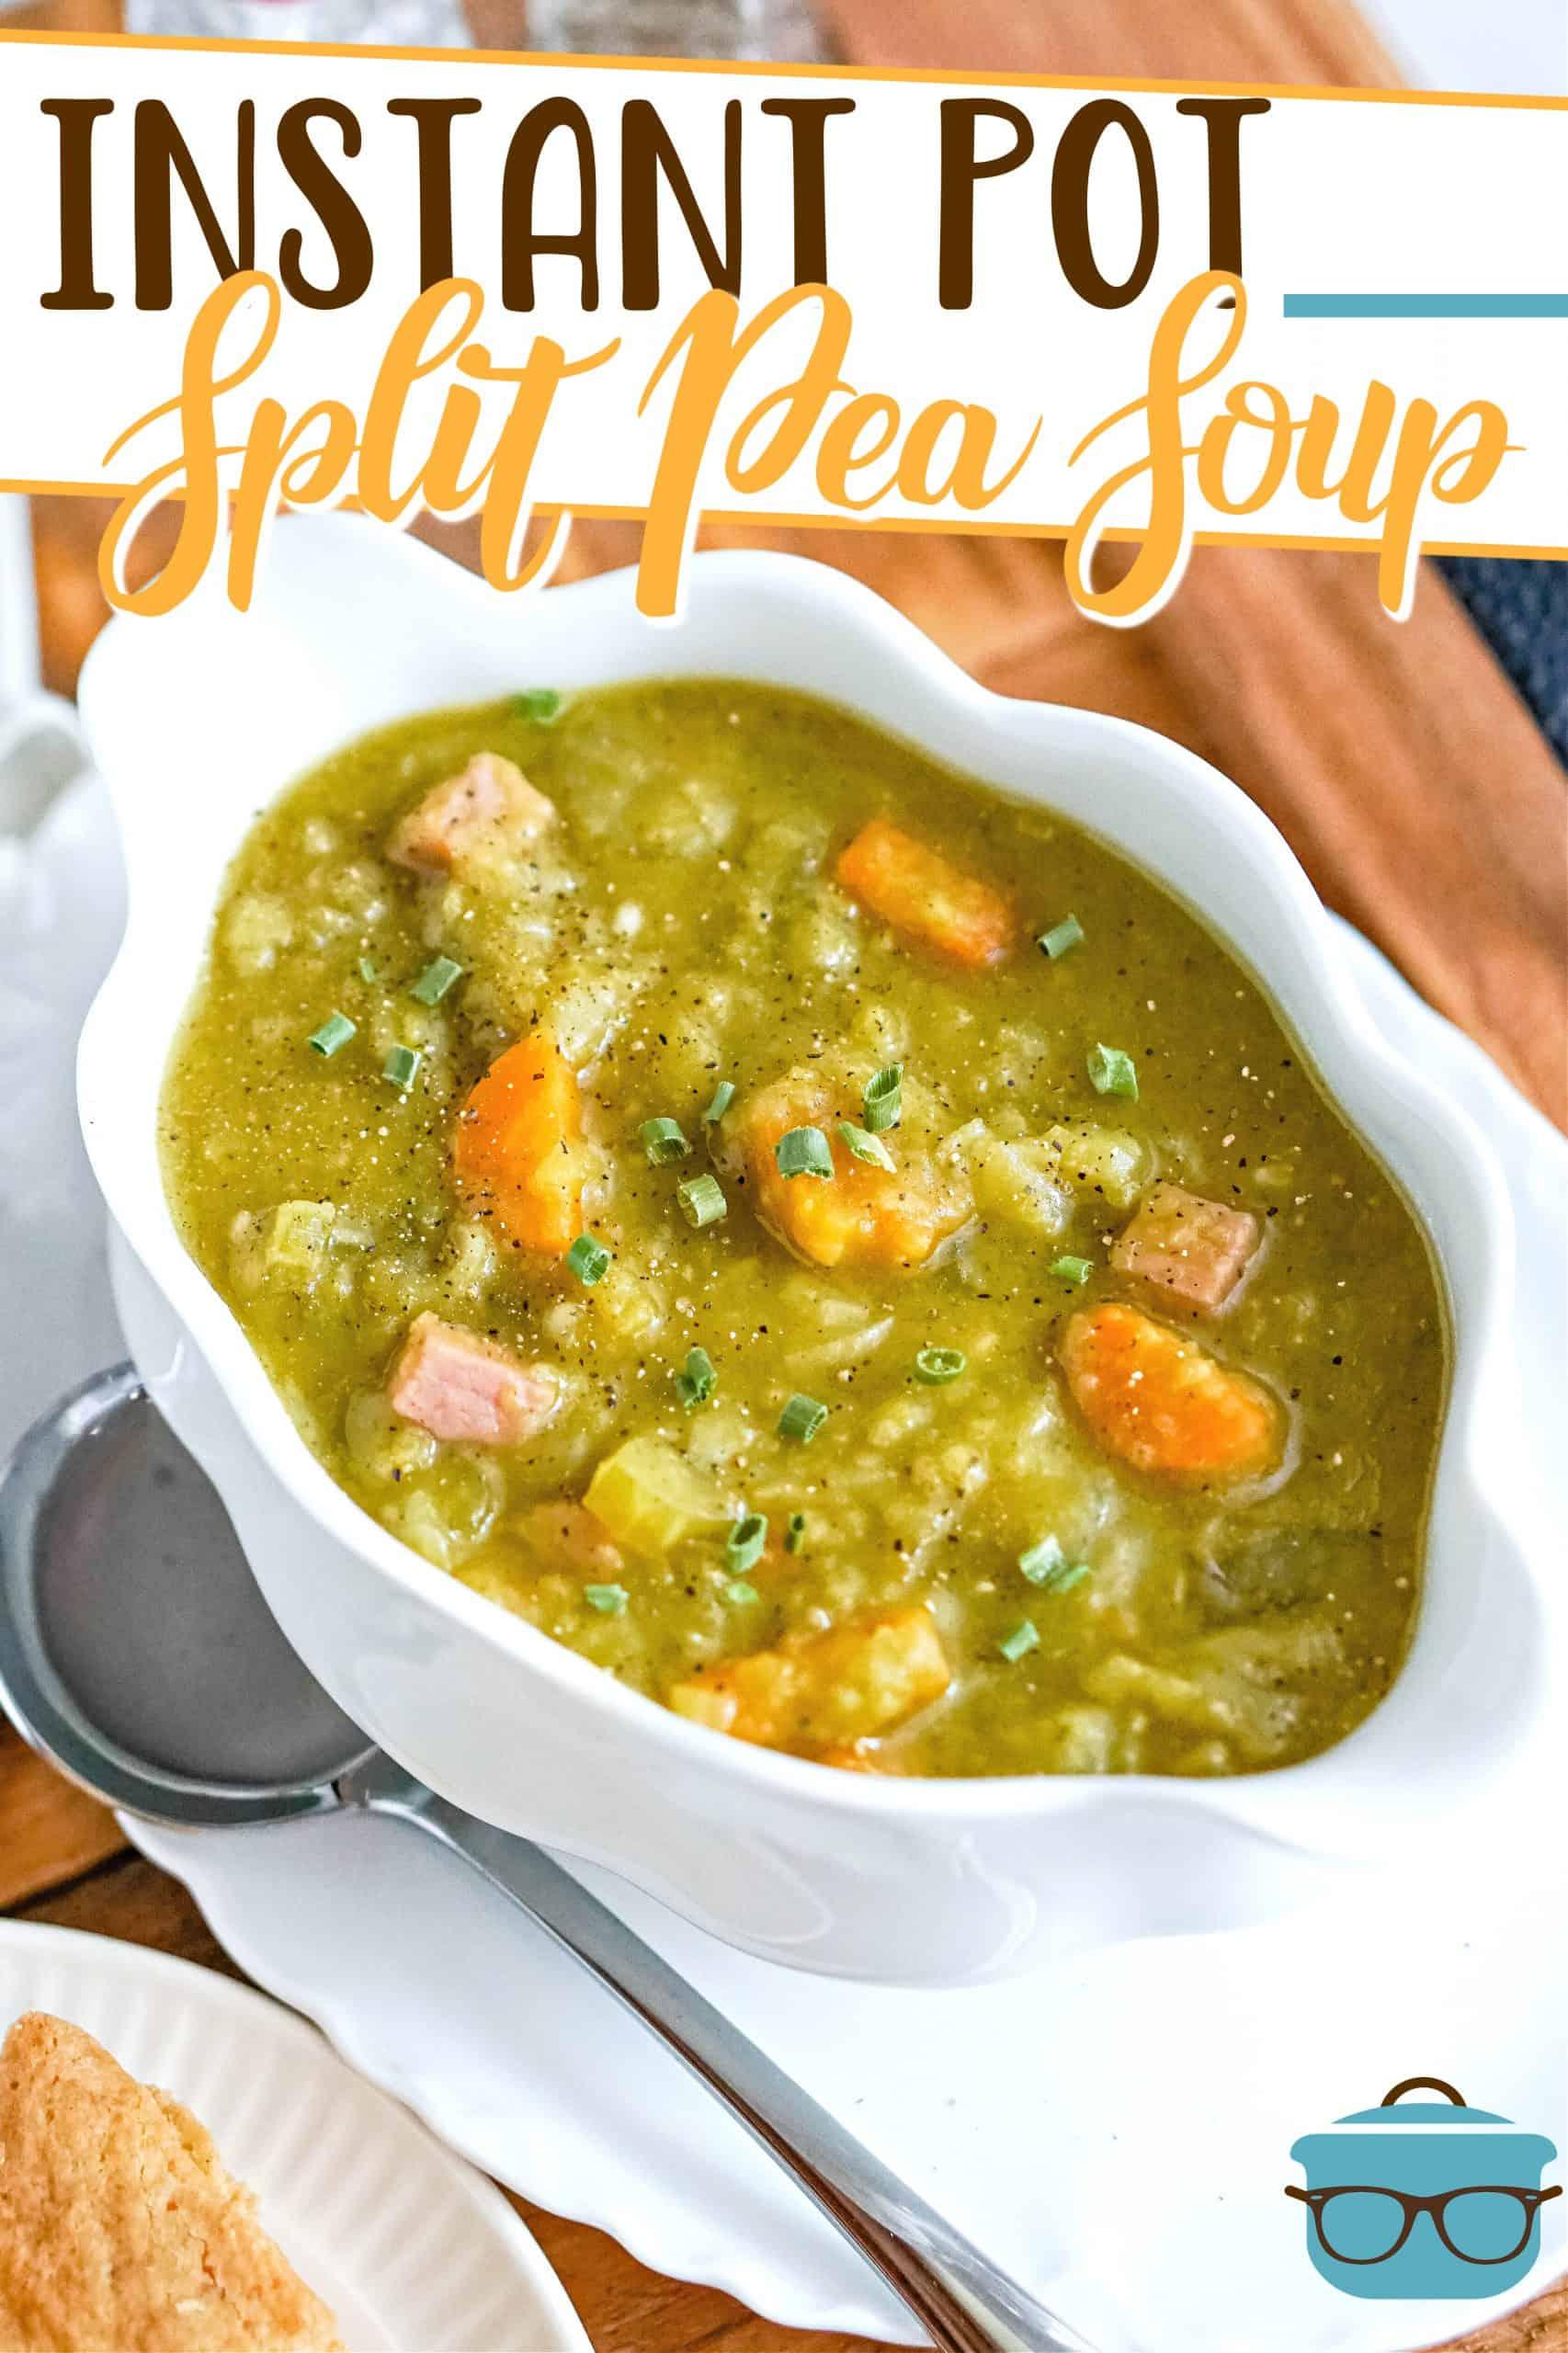 """Cette recette de soupe aux pois cassés Instant Pot est une soupe crémeuse, fumée et très savoureuse. C'est une merveille d'un pot qui est prête en environ 30 minutes! """"Data-pin-description ="""" Cette recette de soupe aux pois cassés Instant Pot est une soupe crémeuse, fumée et très savoureuse. C'est une merveille tout-en-un qui est prête en environ 30 minutes! """"Data-pin-url ="""" https://www.thecountrycook.net/instant-pot-split-pea-soup-video/ """"src ="""" https: // www.thecountrycook.net/wp-content/uploads/2020/09/Instant-Pot-Split-Pea-Soup-main-image-scaled.jpg """"/><noscript><img class="""